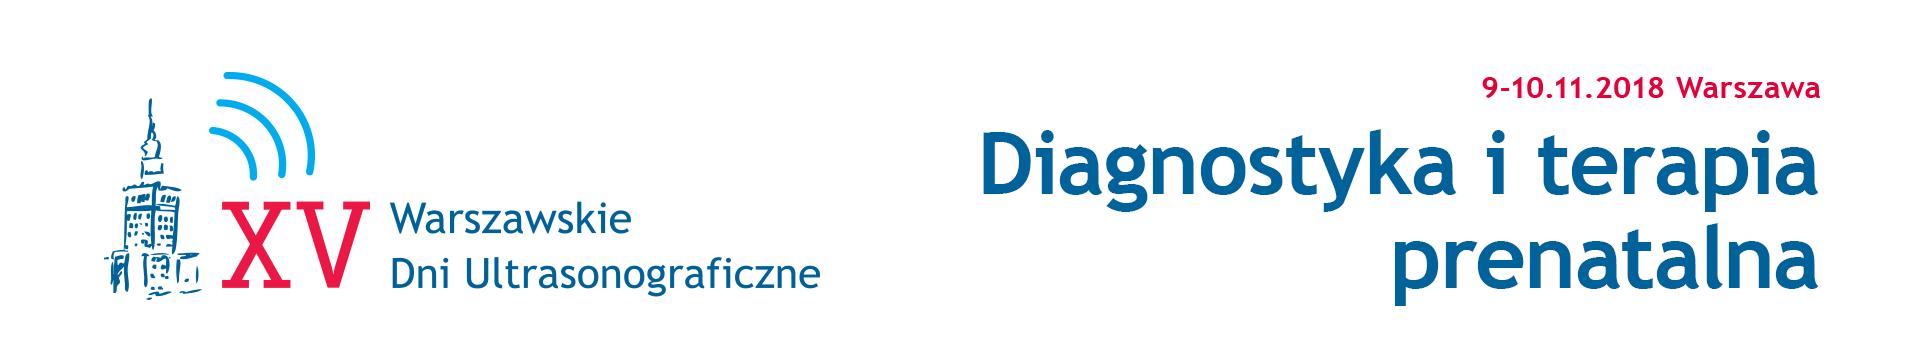 09-10.11.2018 XV Warszawskie Dniu Ultrasonograficzne – Diagnostyka i terapia prenatalna